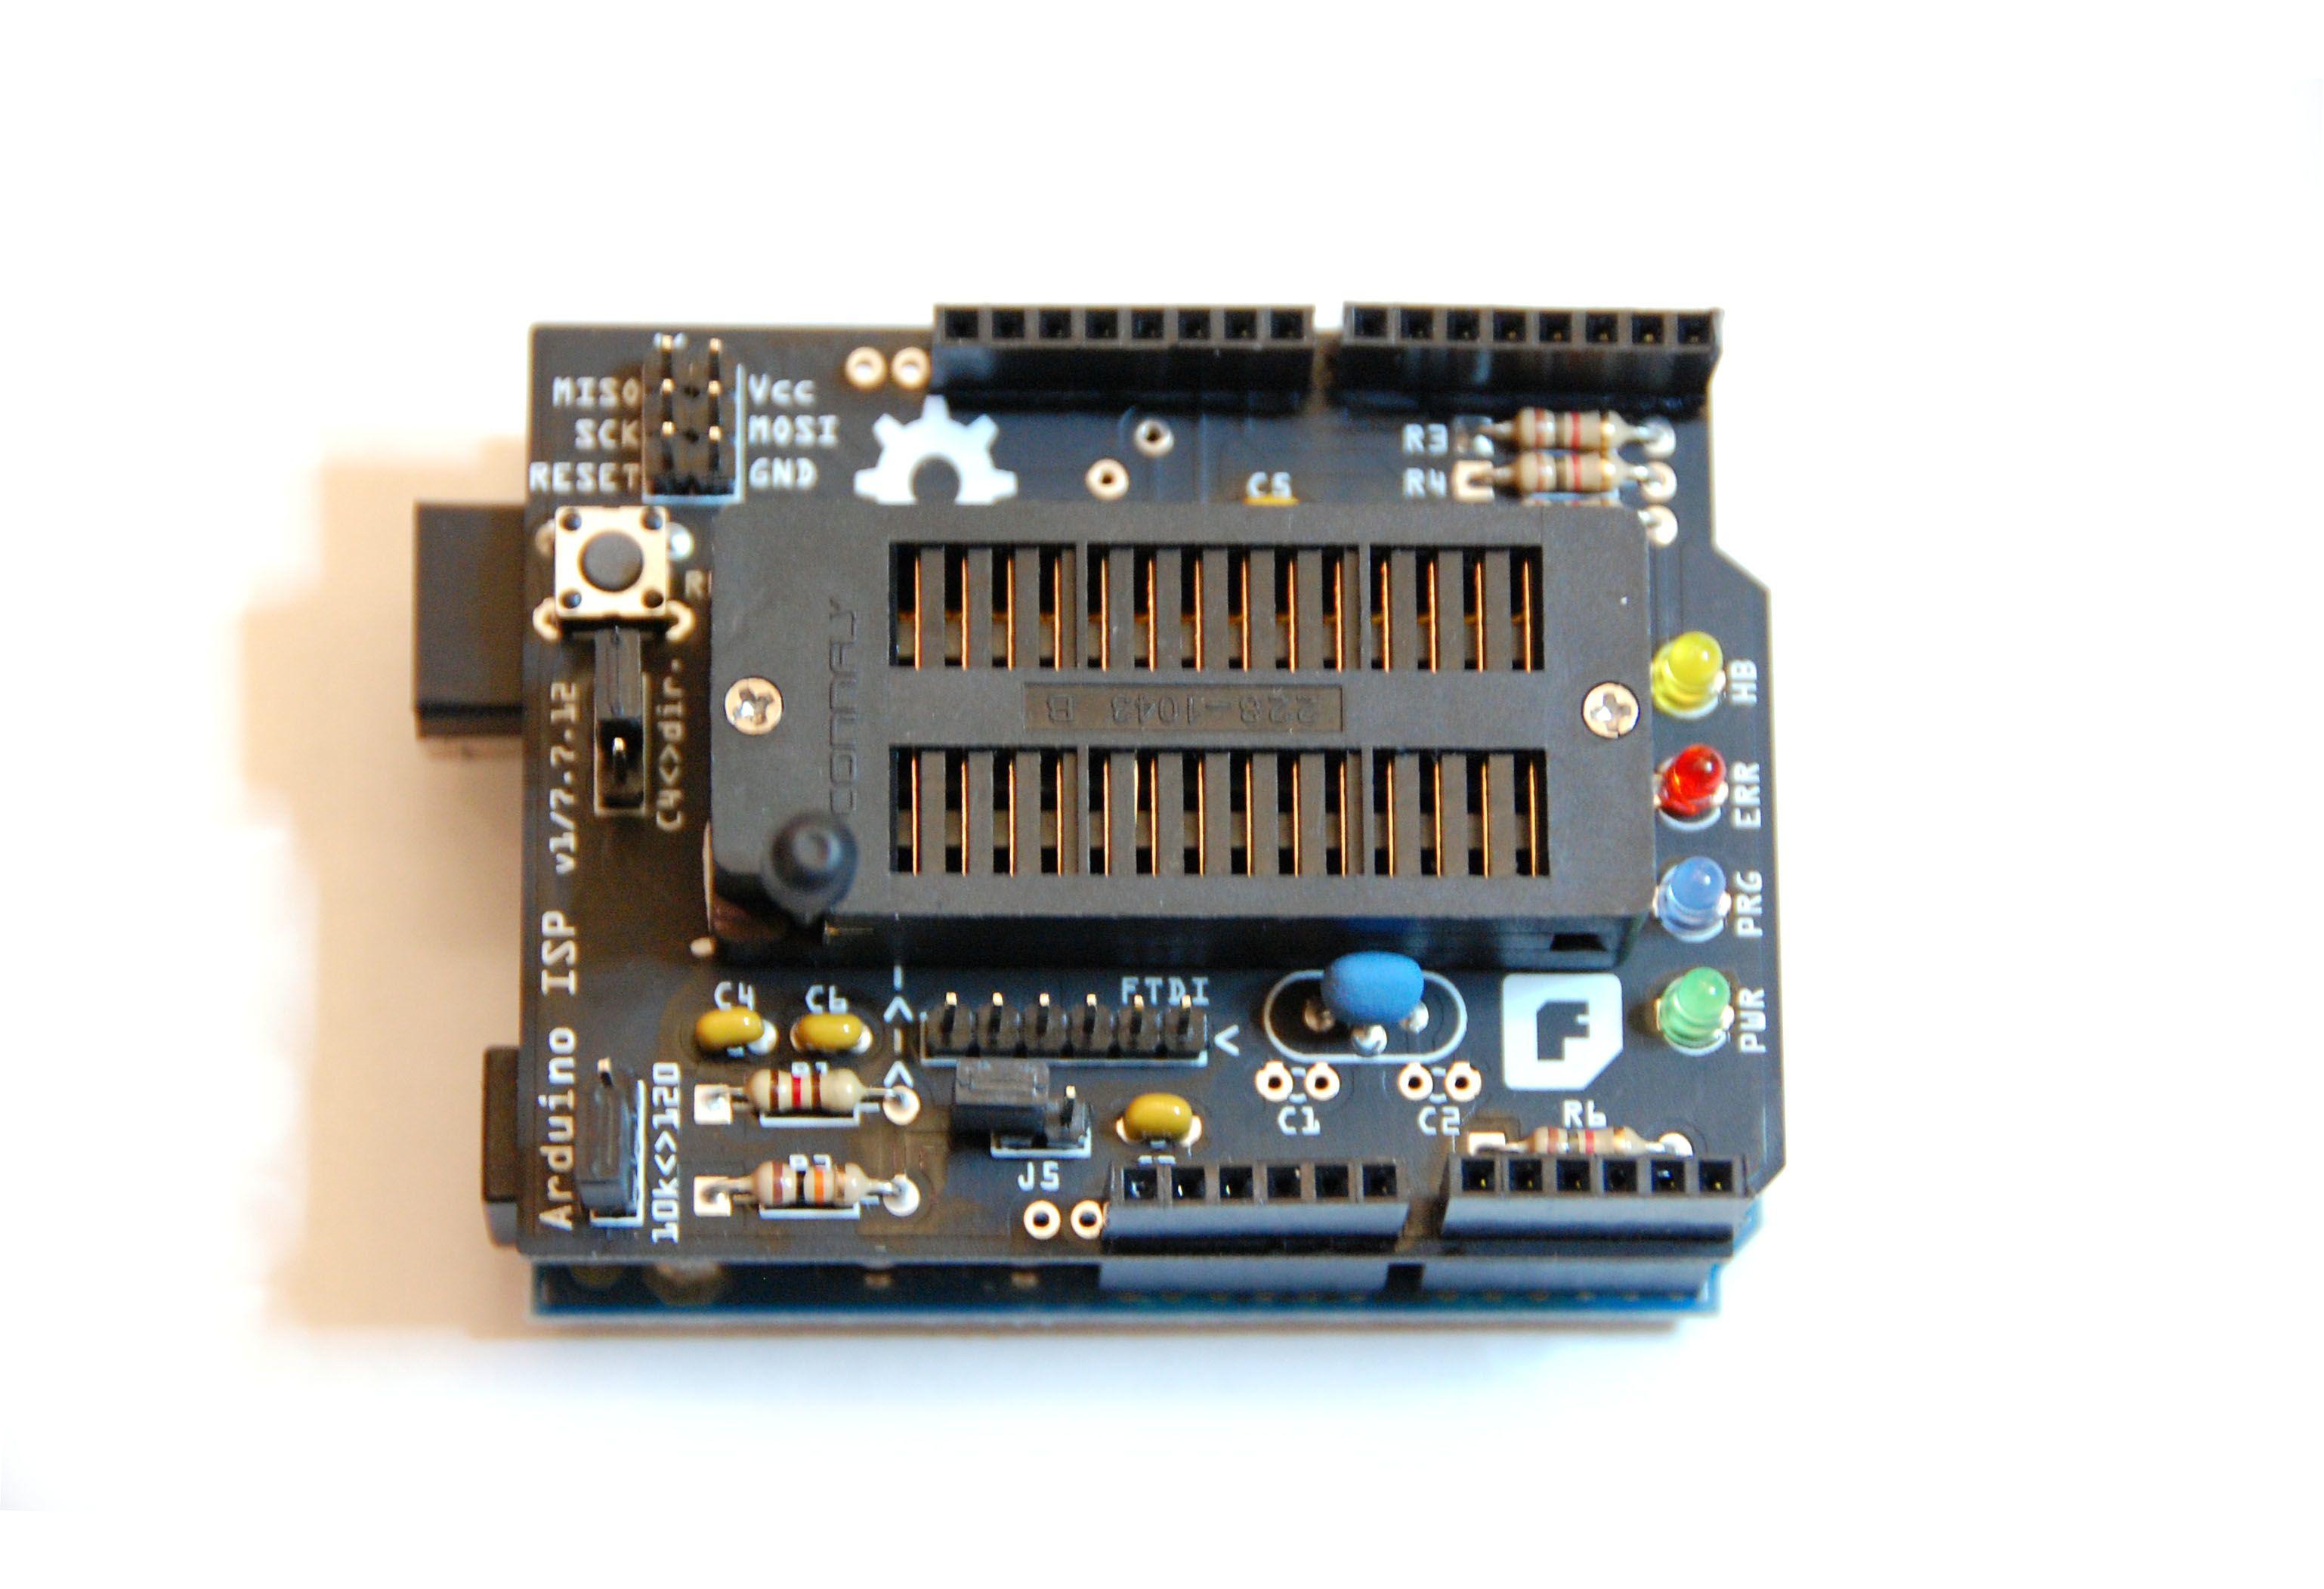 Christians Bastel Laden Benutzungsanleitung Fr Den Arduino Isp Avr In System Programmer Benutzung Des Konfiguration